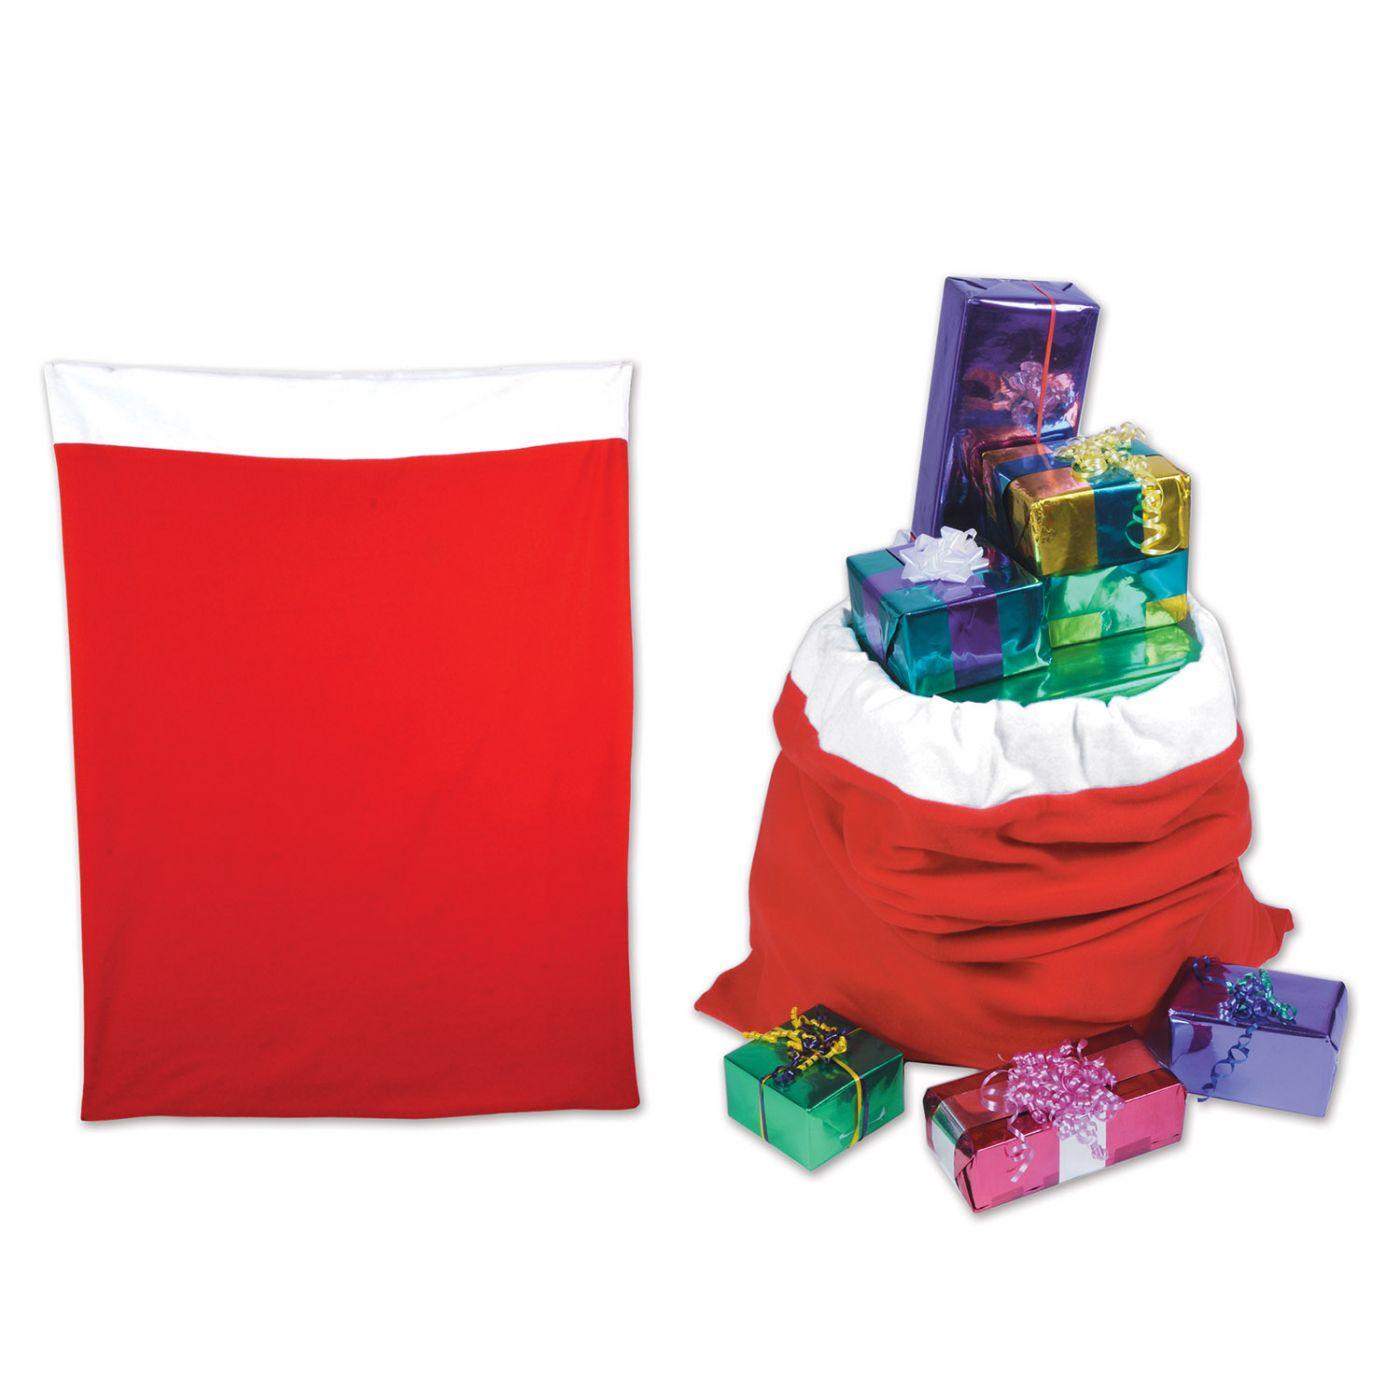 Plush Santa Gift Sack image